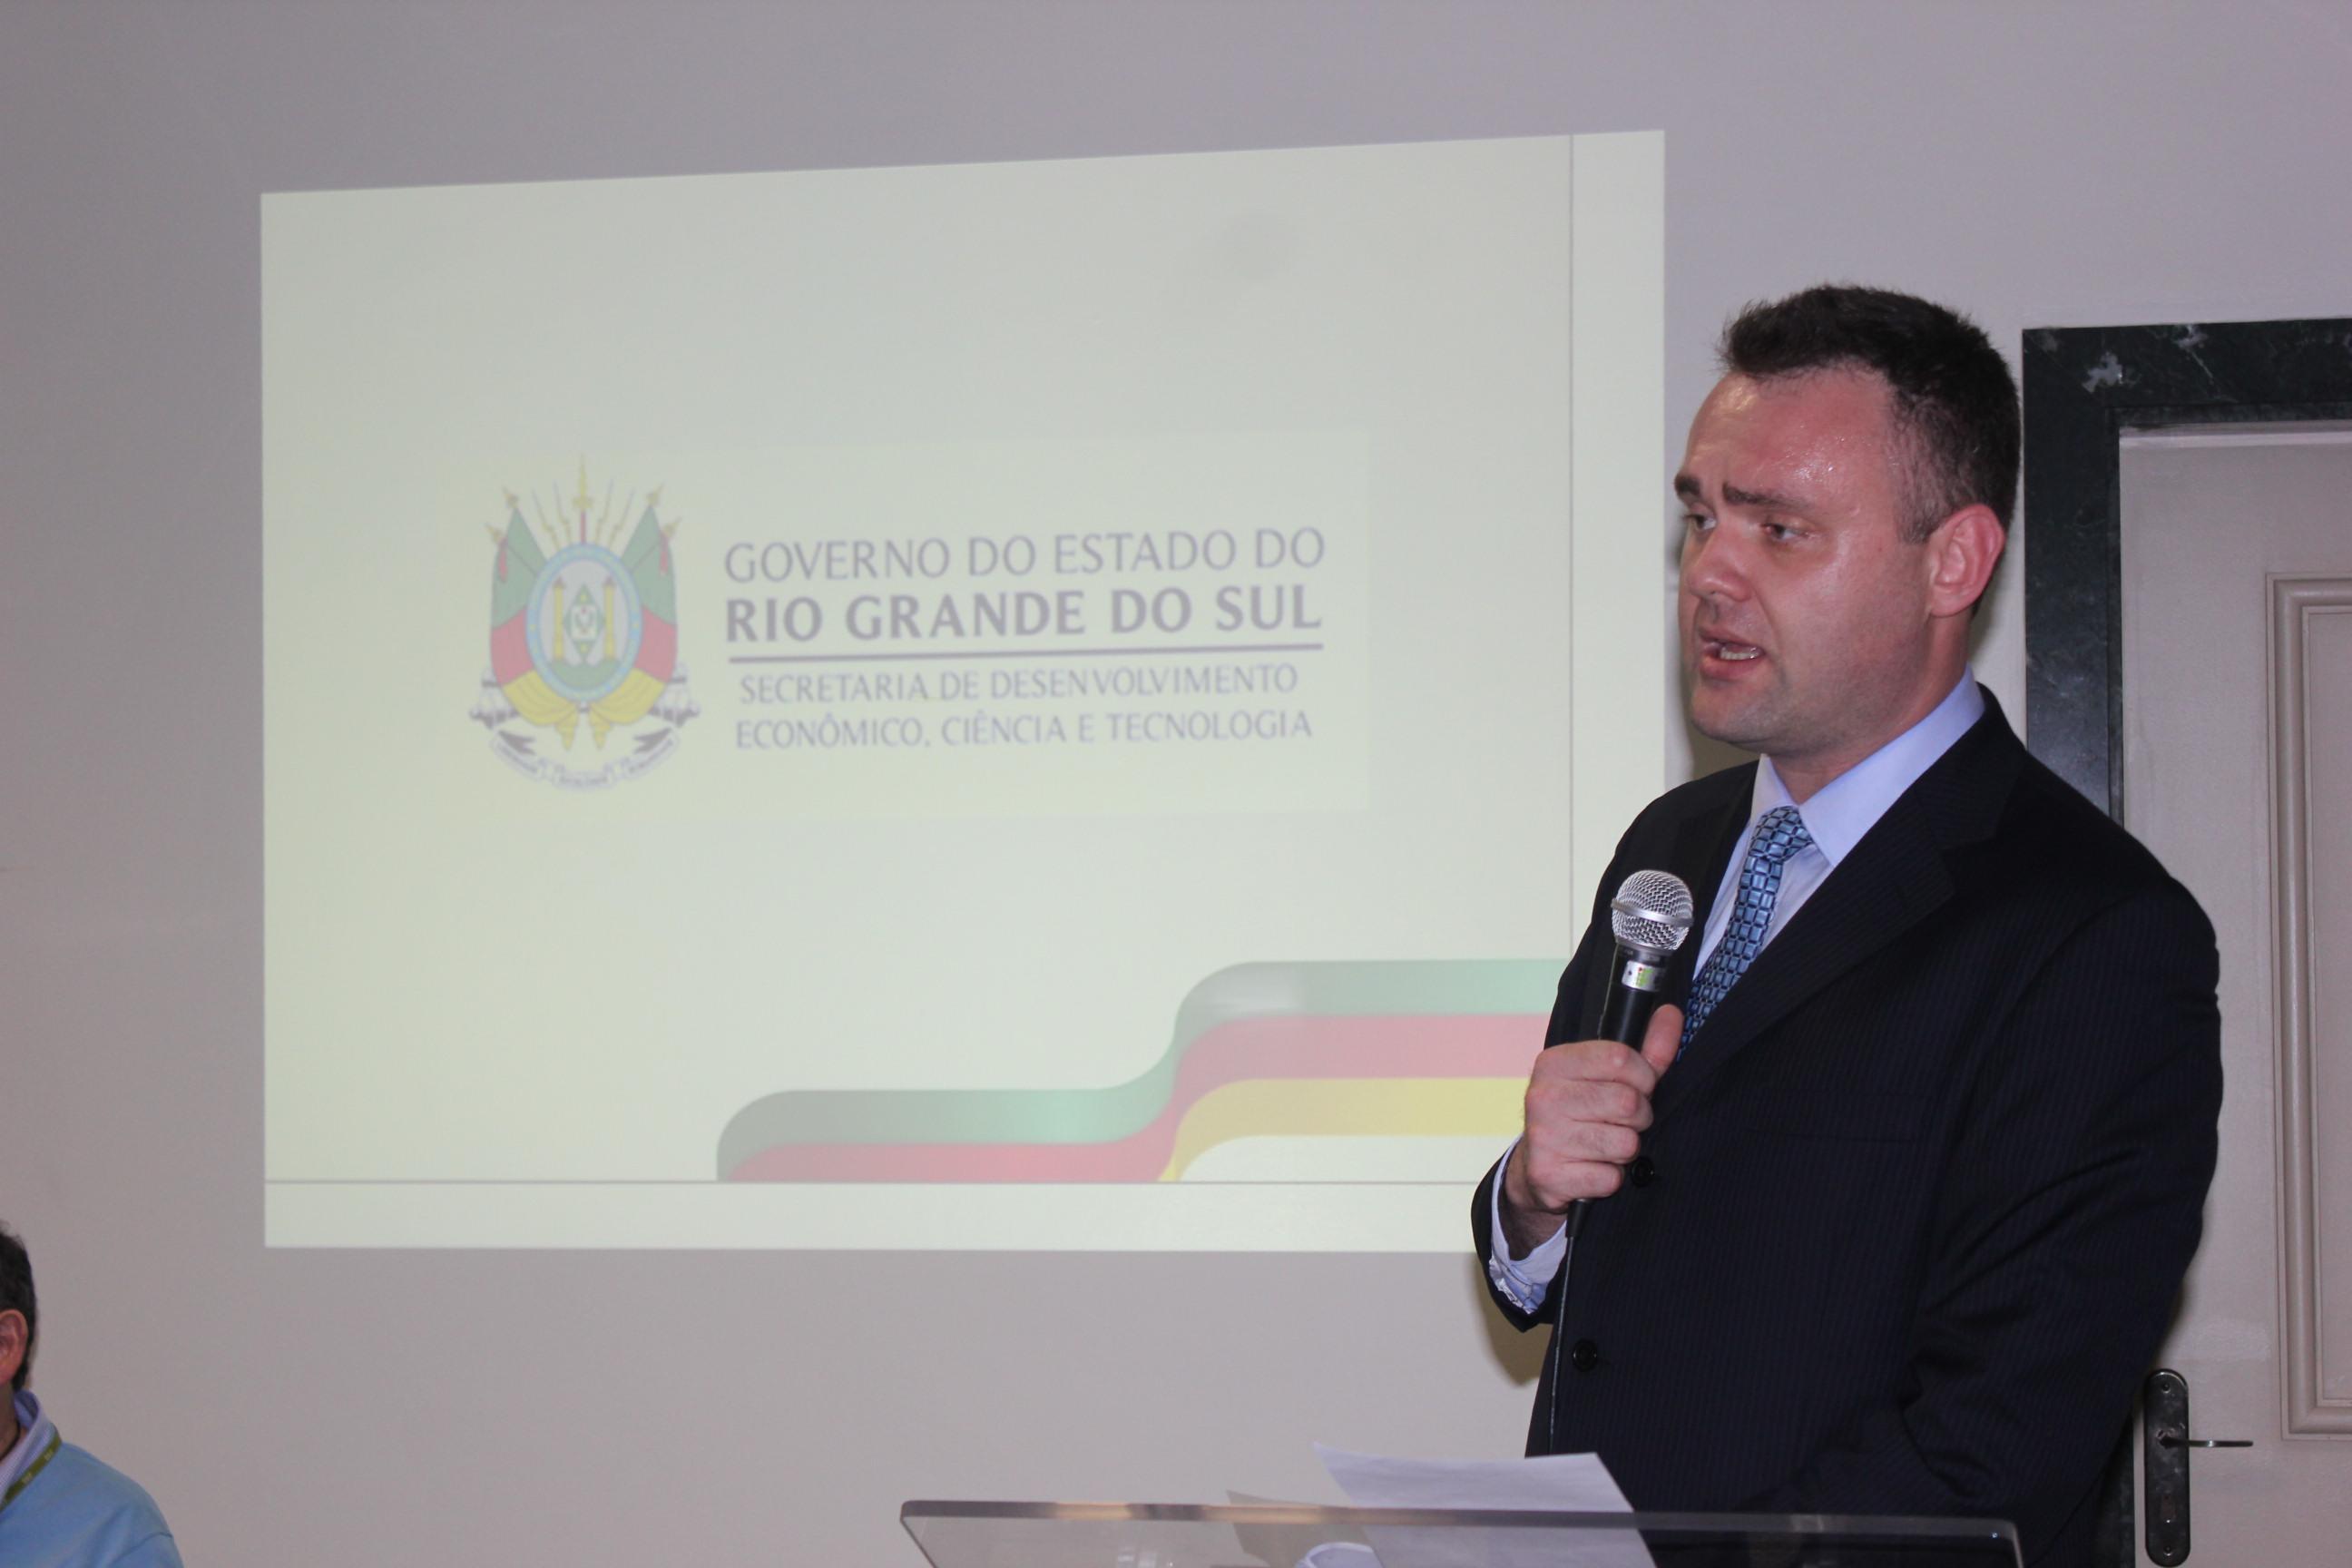 Palestra do Diretor de Apoio à Micro e Pequena Empresa da Secretaria de Desenvolvimento  Econômico, Ciência e Tecnologia